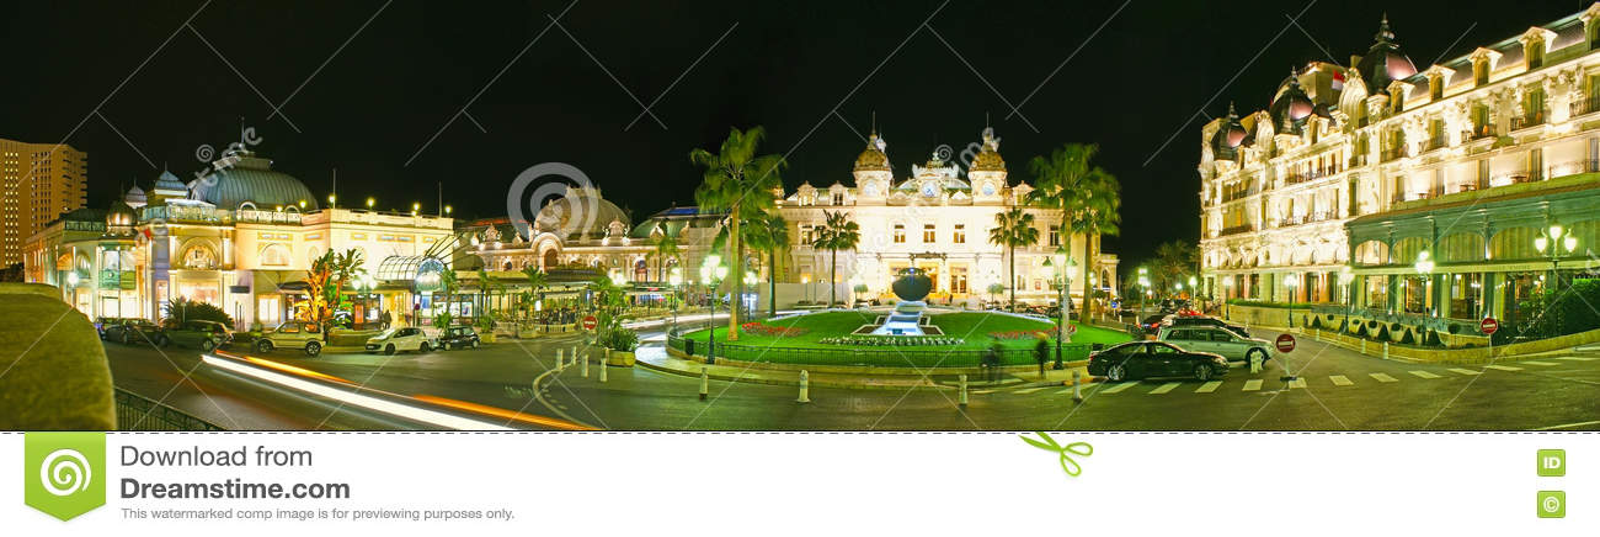 La vue de nuit de la place de casino de Monte Carlo